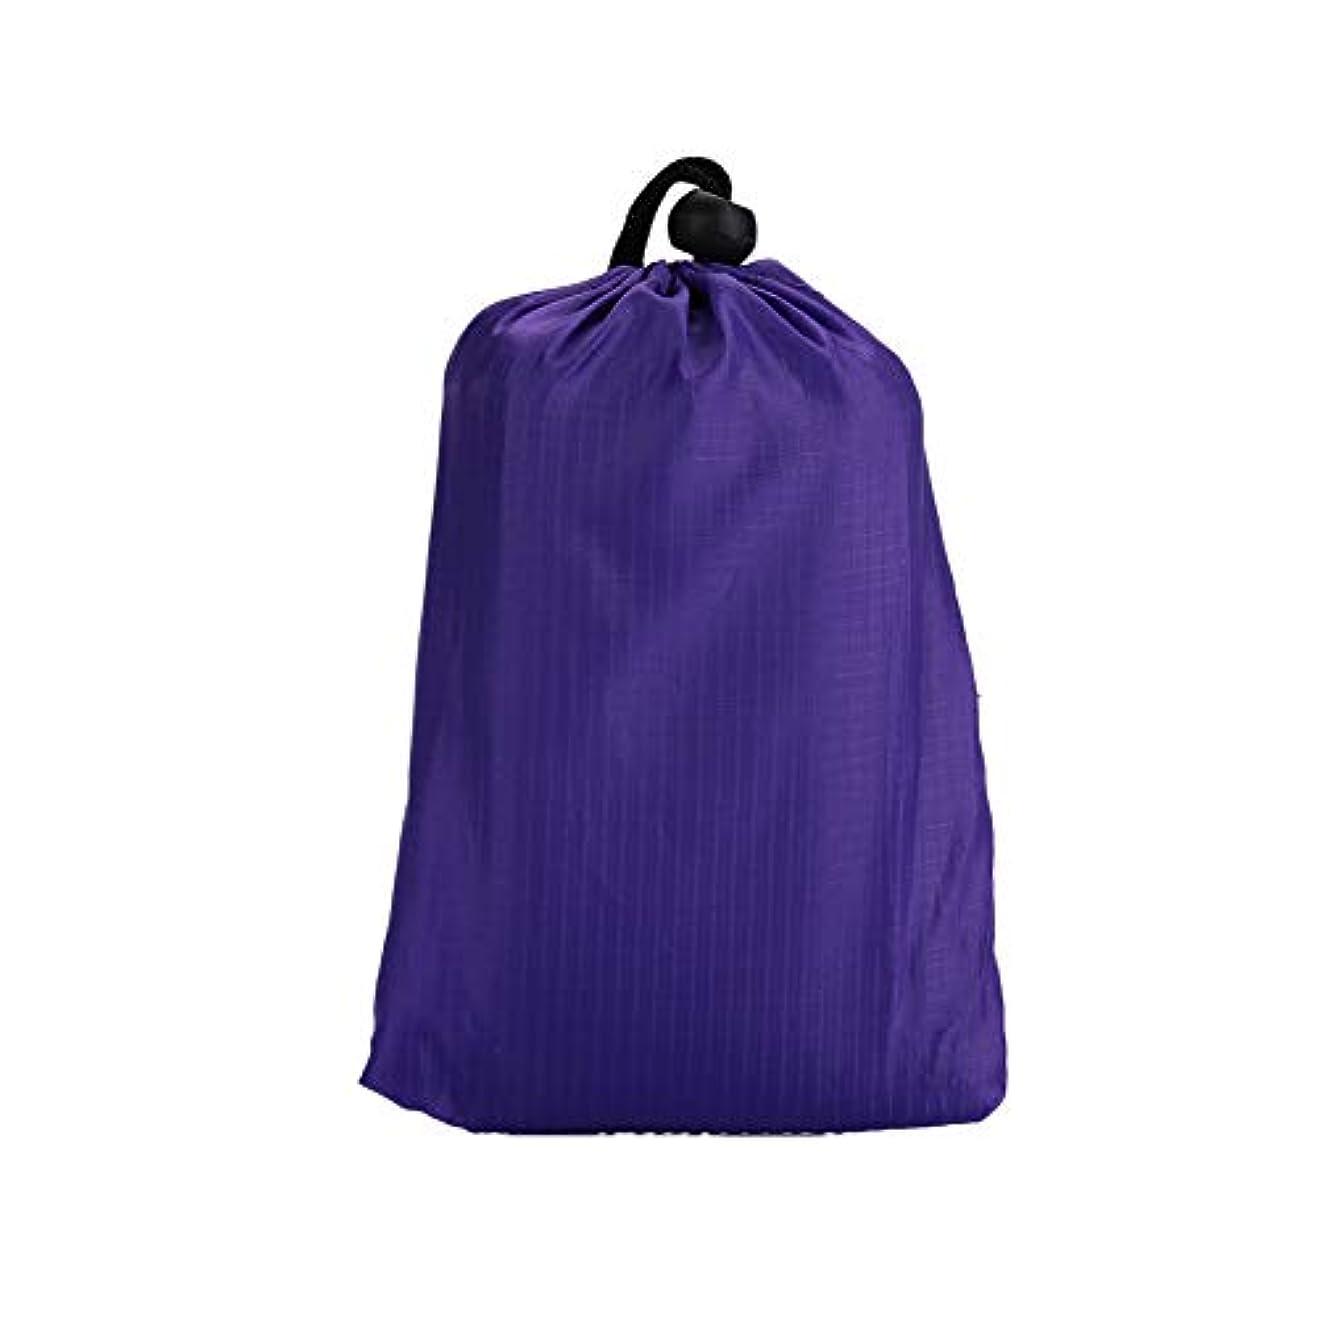 提供された構成カナダattachmenttou ピクニック毛布屋外マットキャンプアクセサリー オックスフォードの布が付いているピクニックマットの耐久のキャンプの布の多色の湿気防止のピクニック布